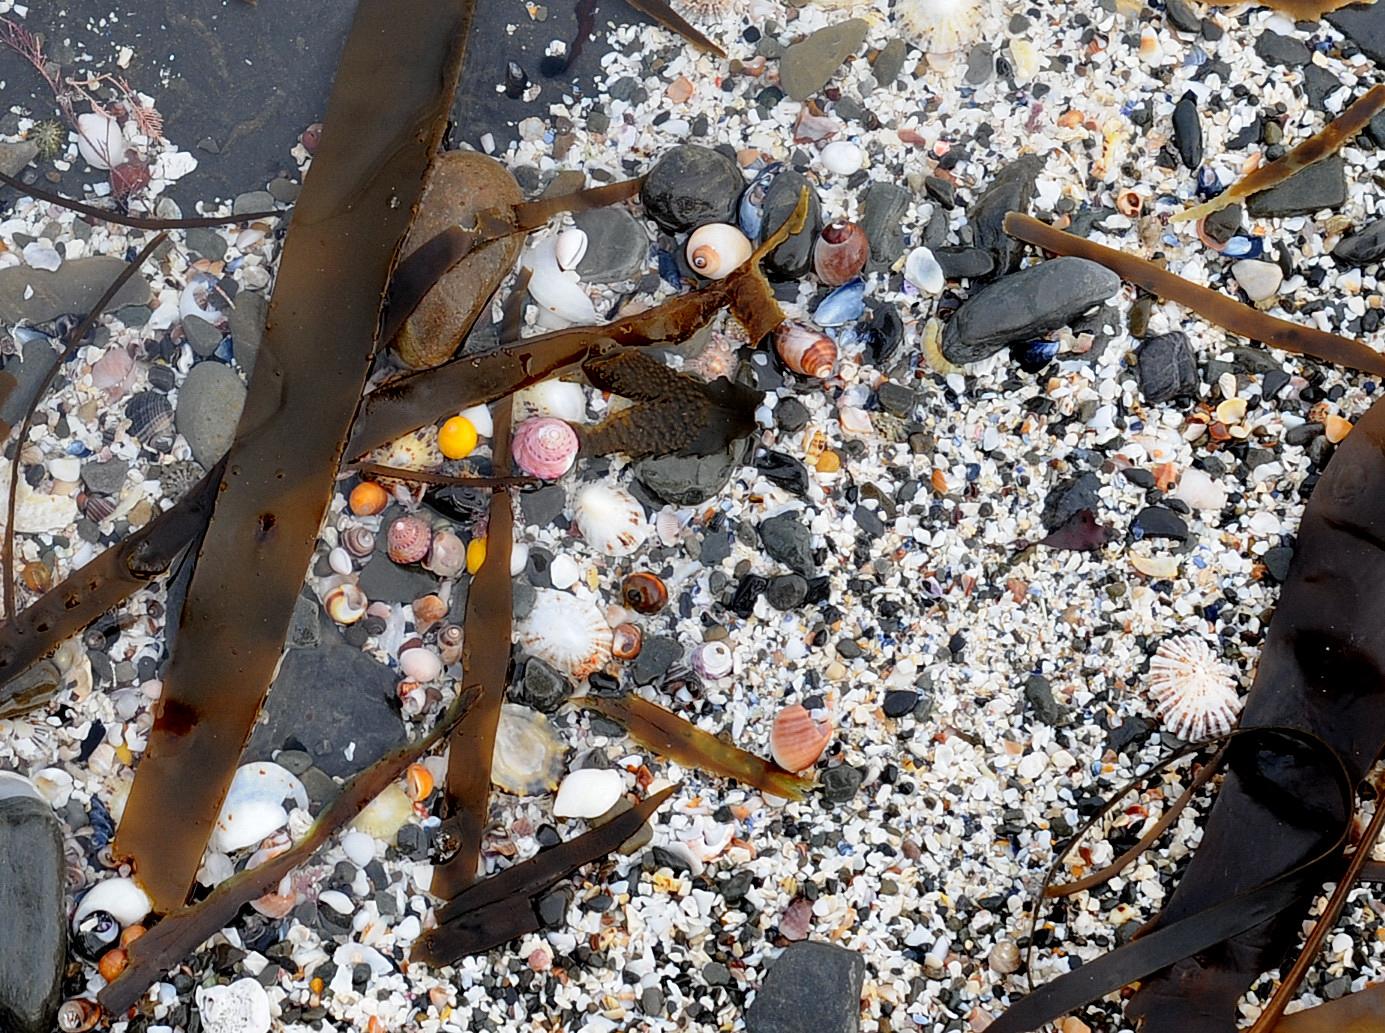 Find a Groatie Buckie on Brims beach.